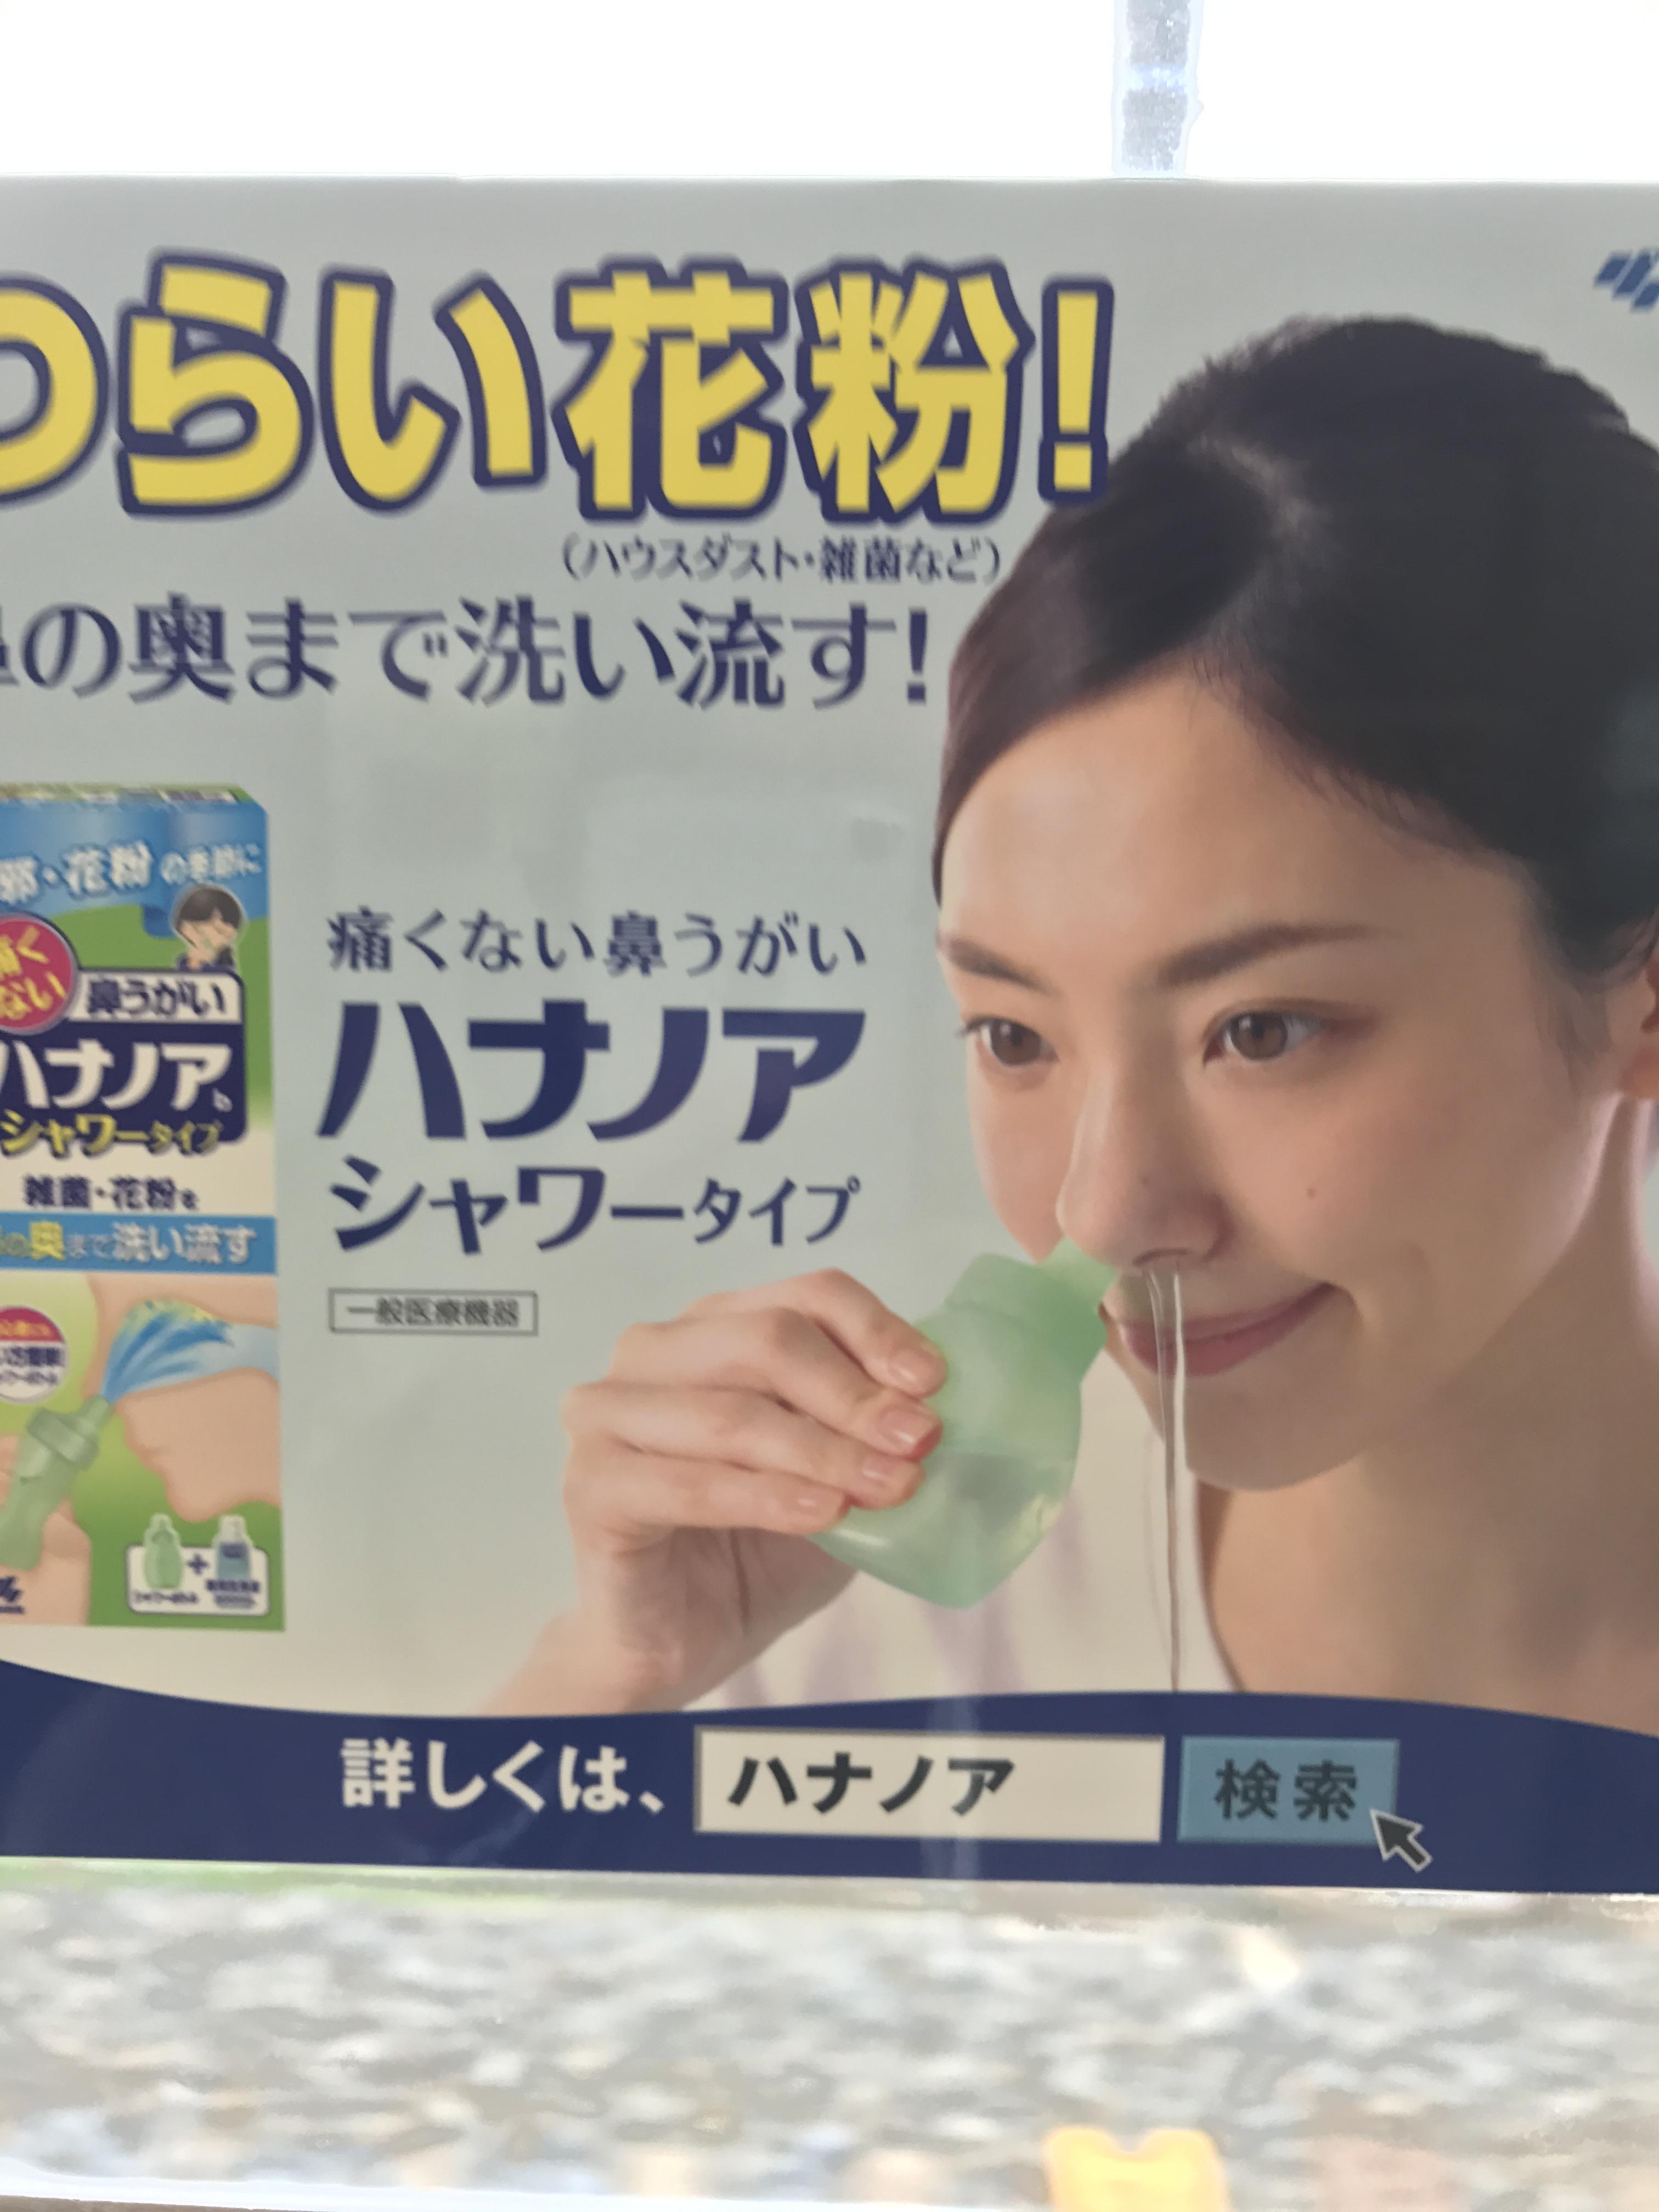 ハナノアの広告